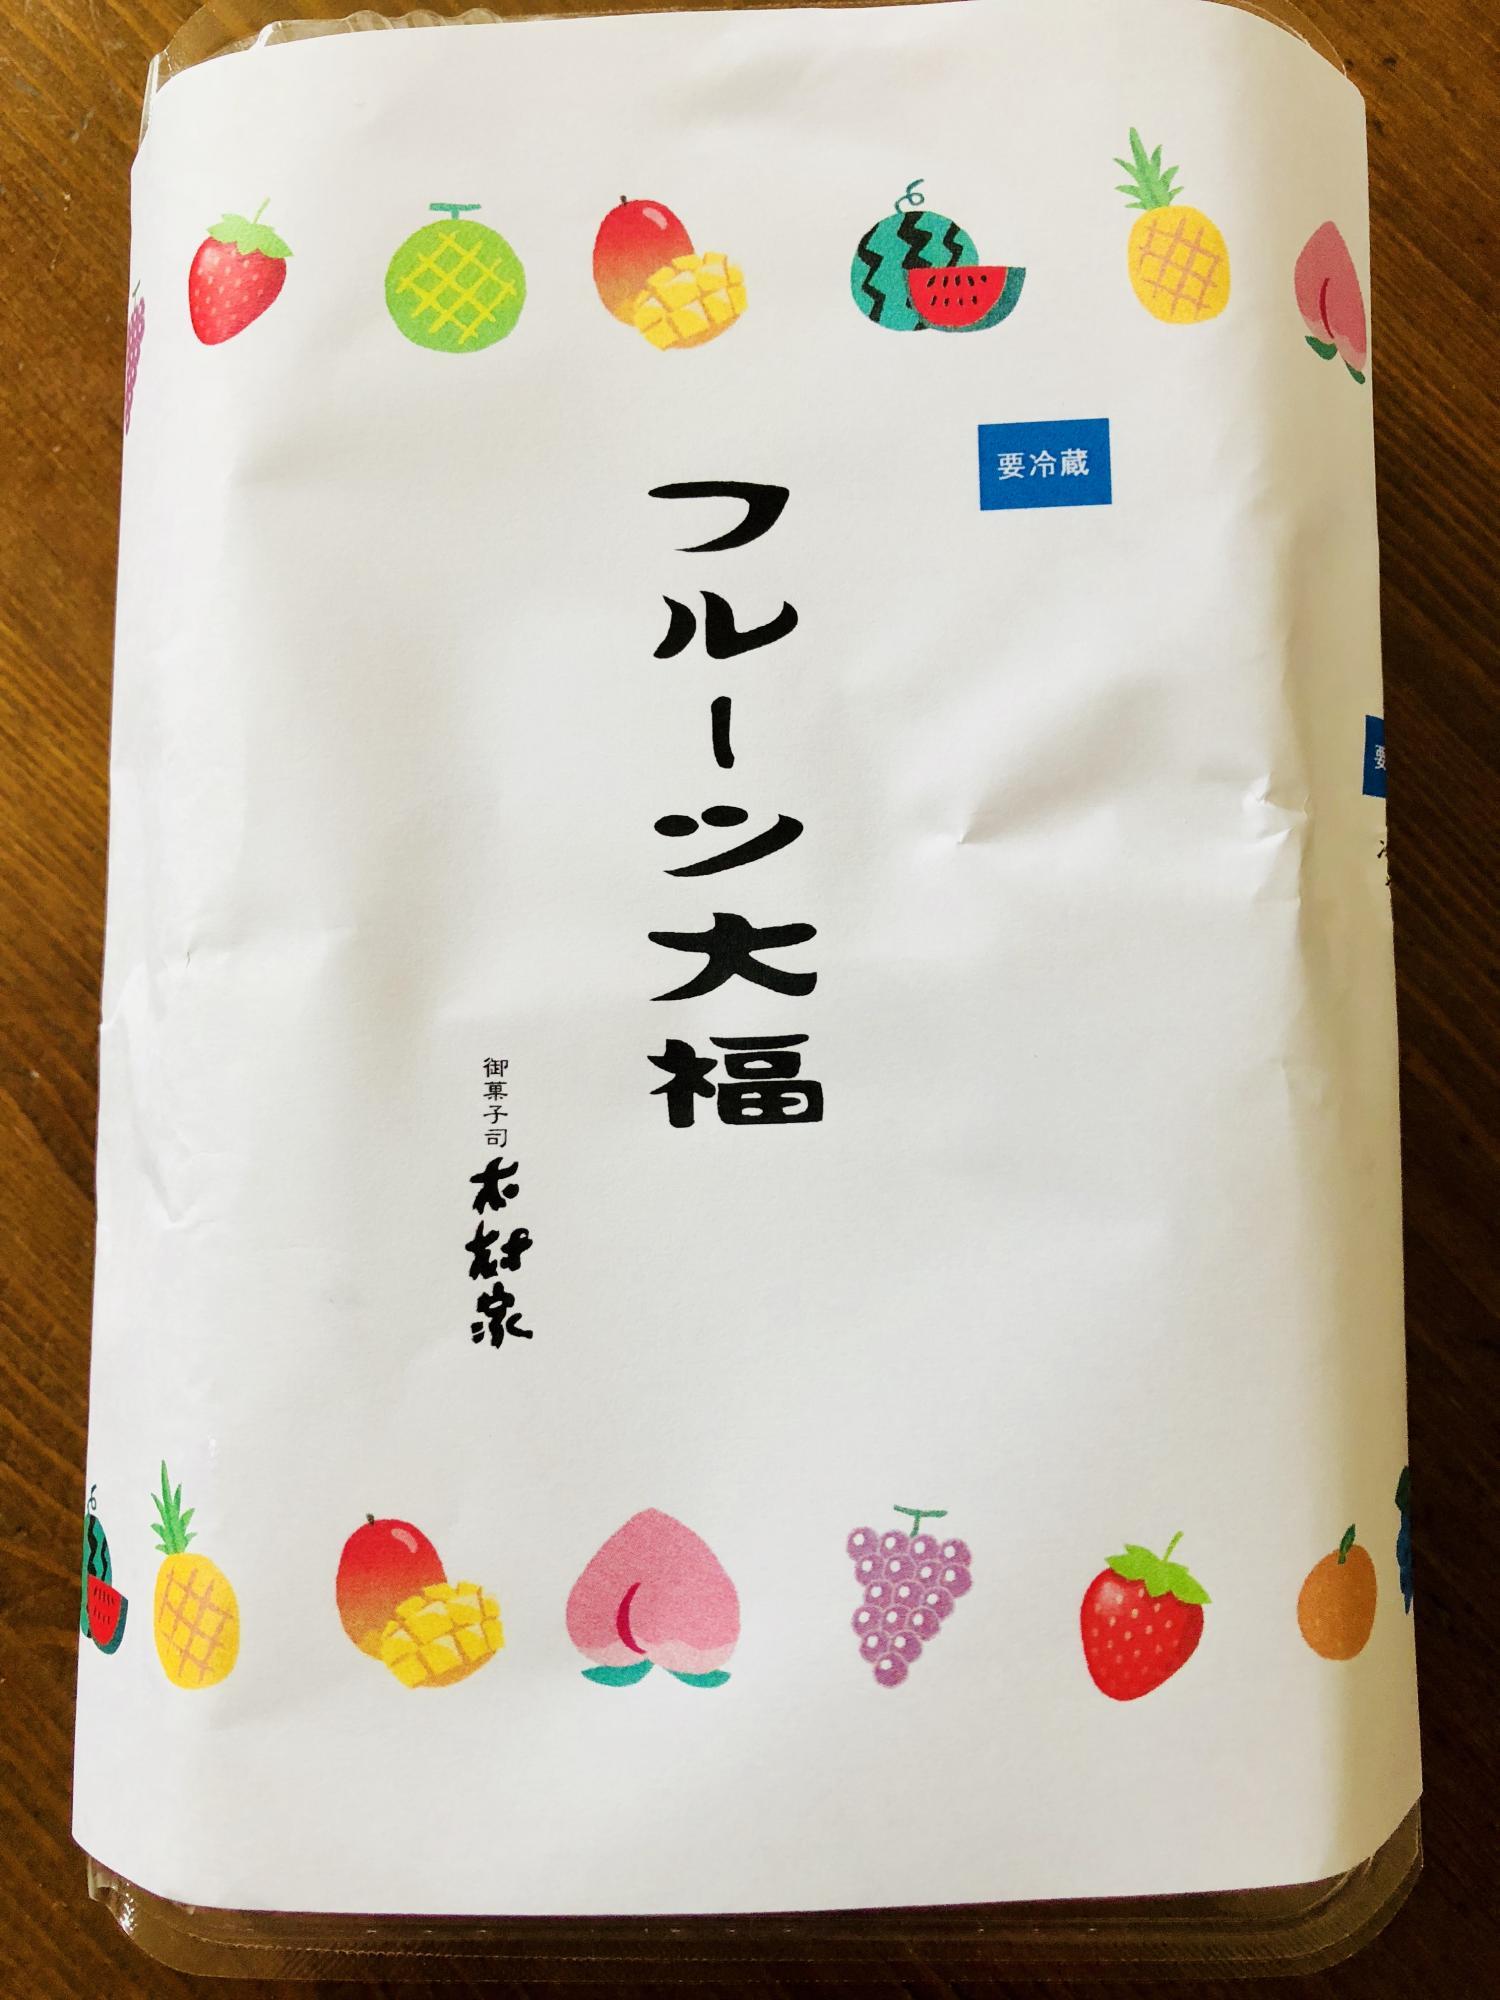 水果沏茶图片